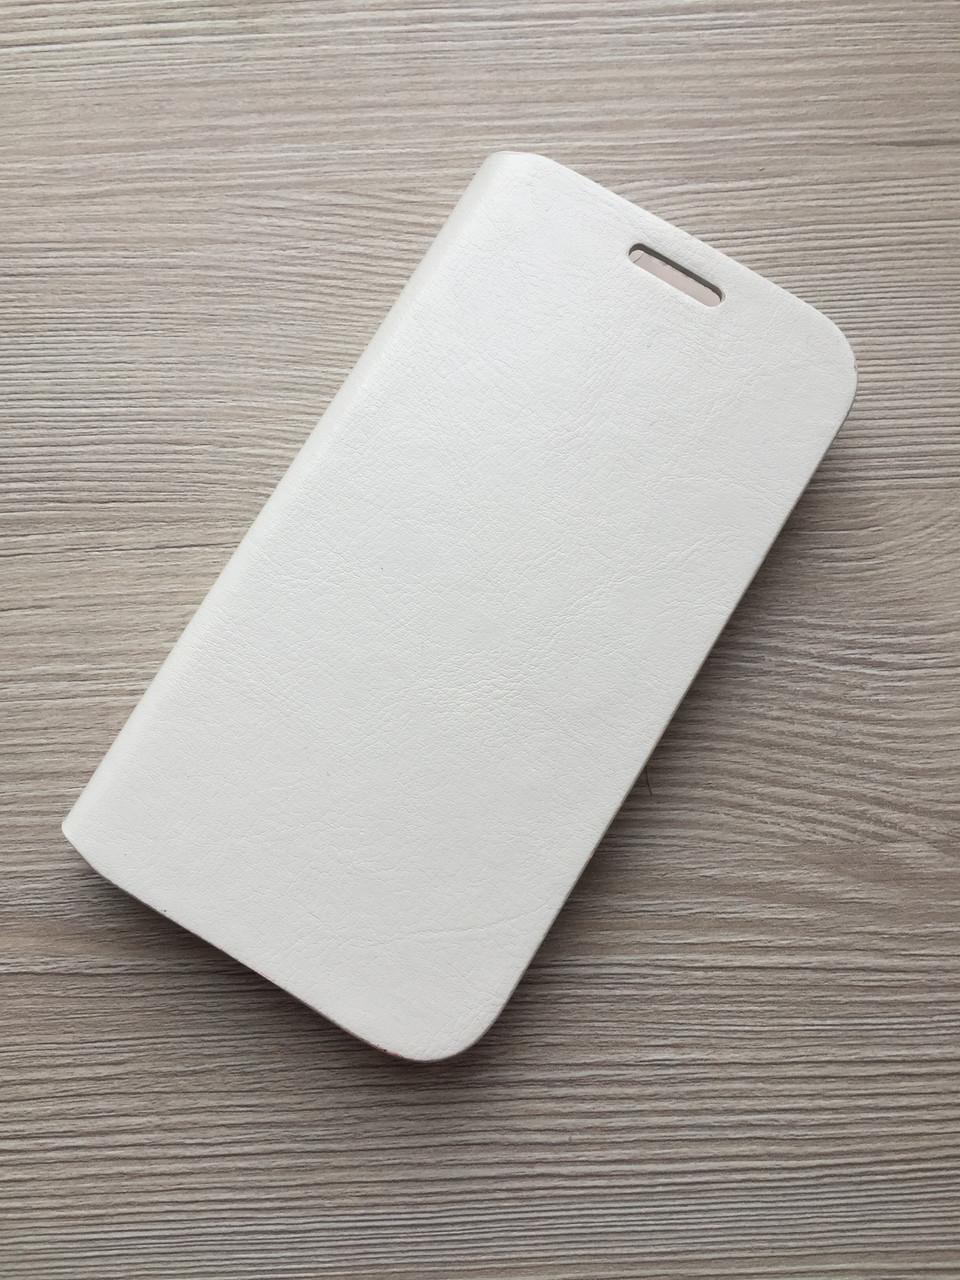 Белая Кожаная книжечка Samsung Galaxy S3 на магните в упаковке